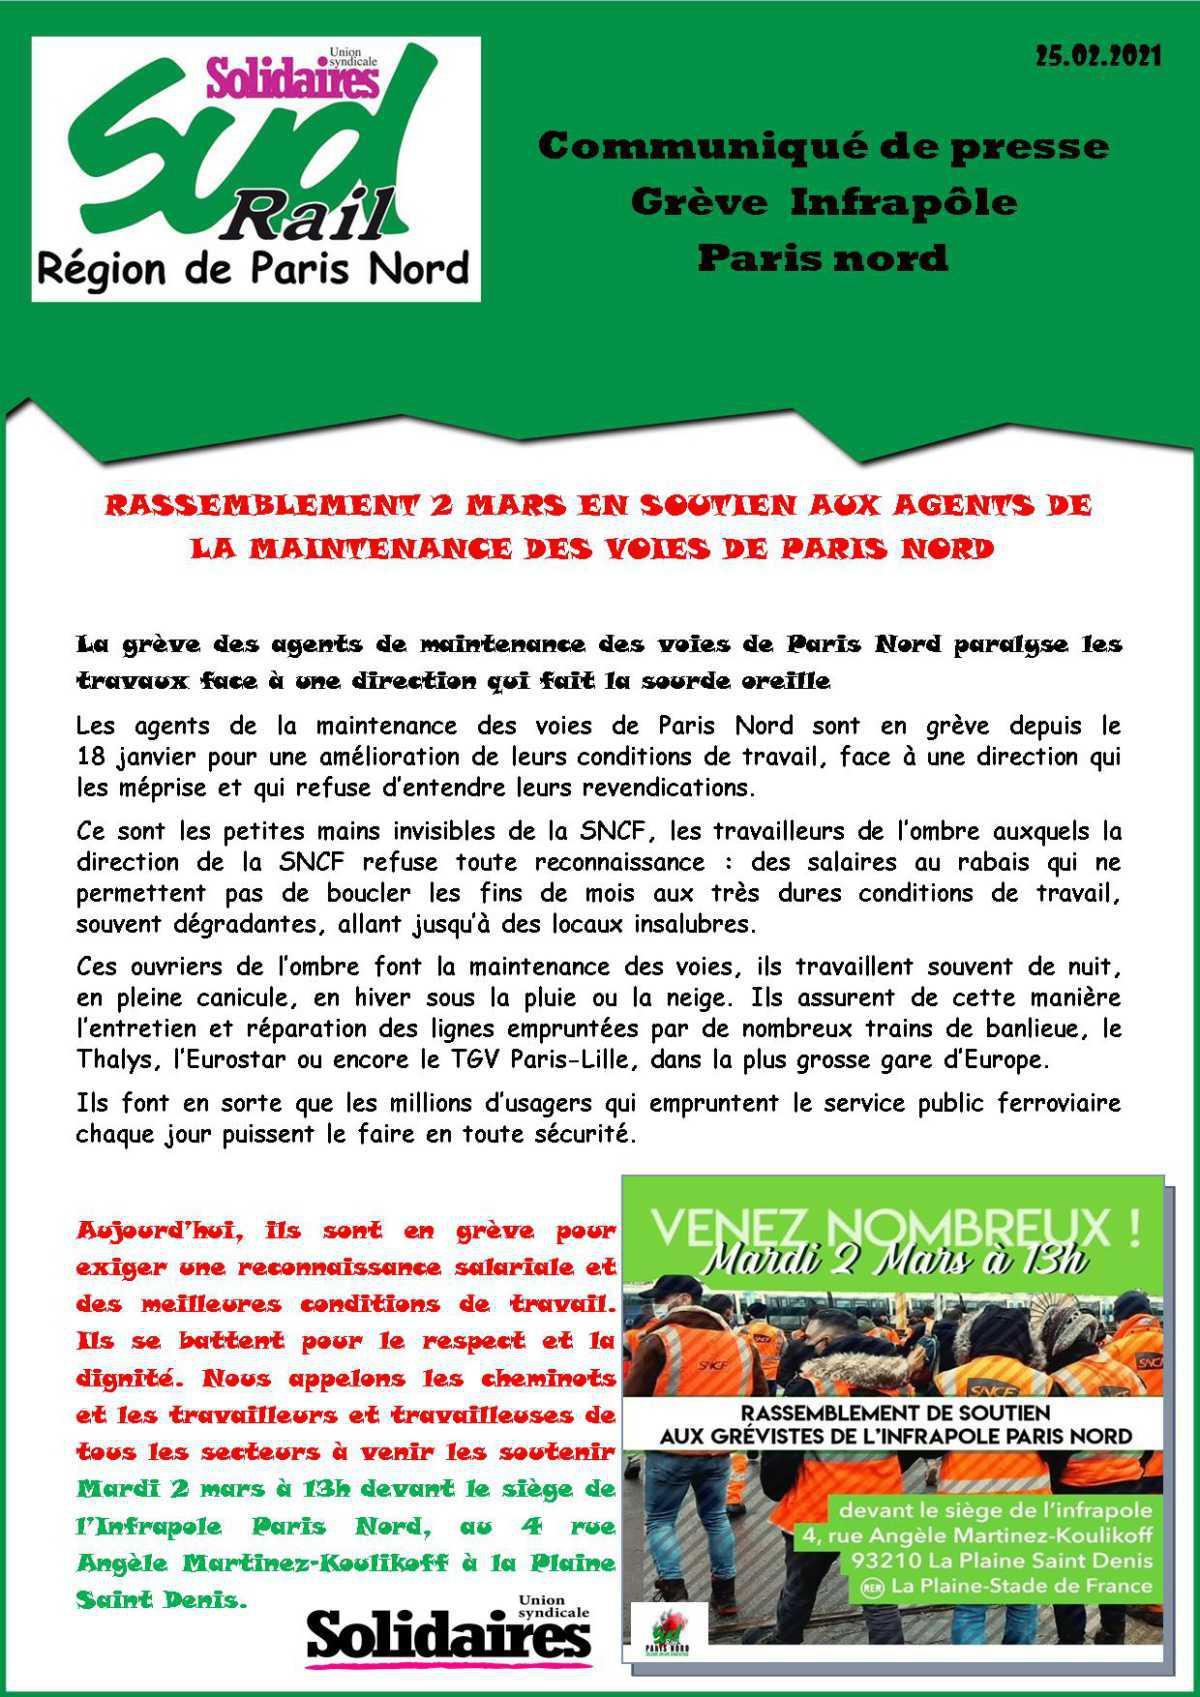 Grève des agents de maintenance des voies de Paris Nord